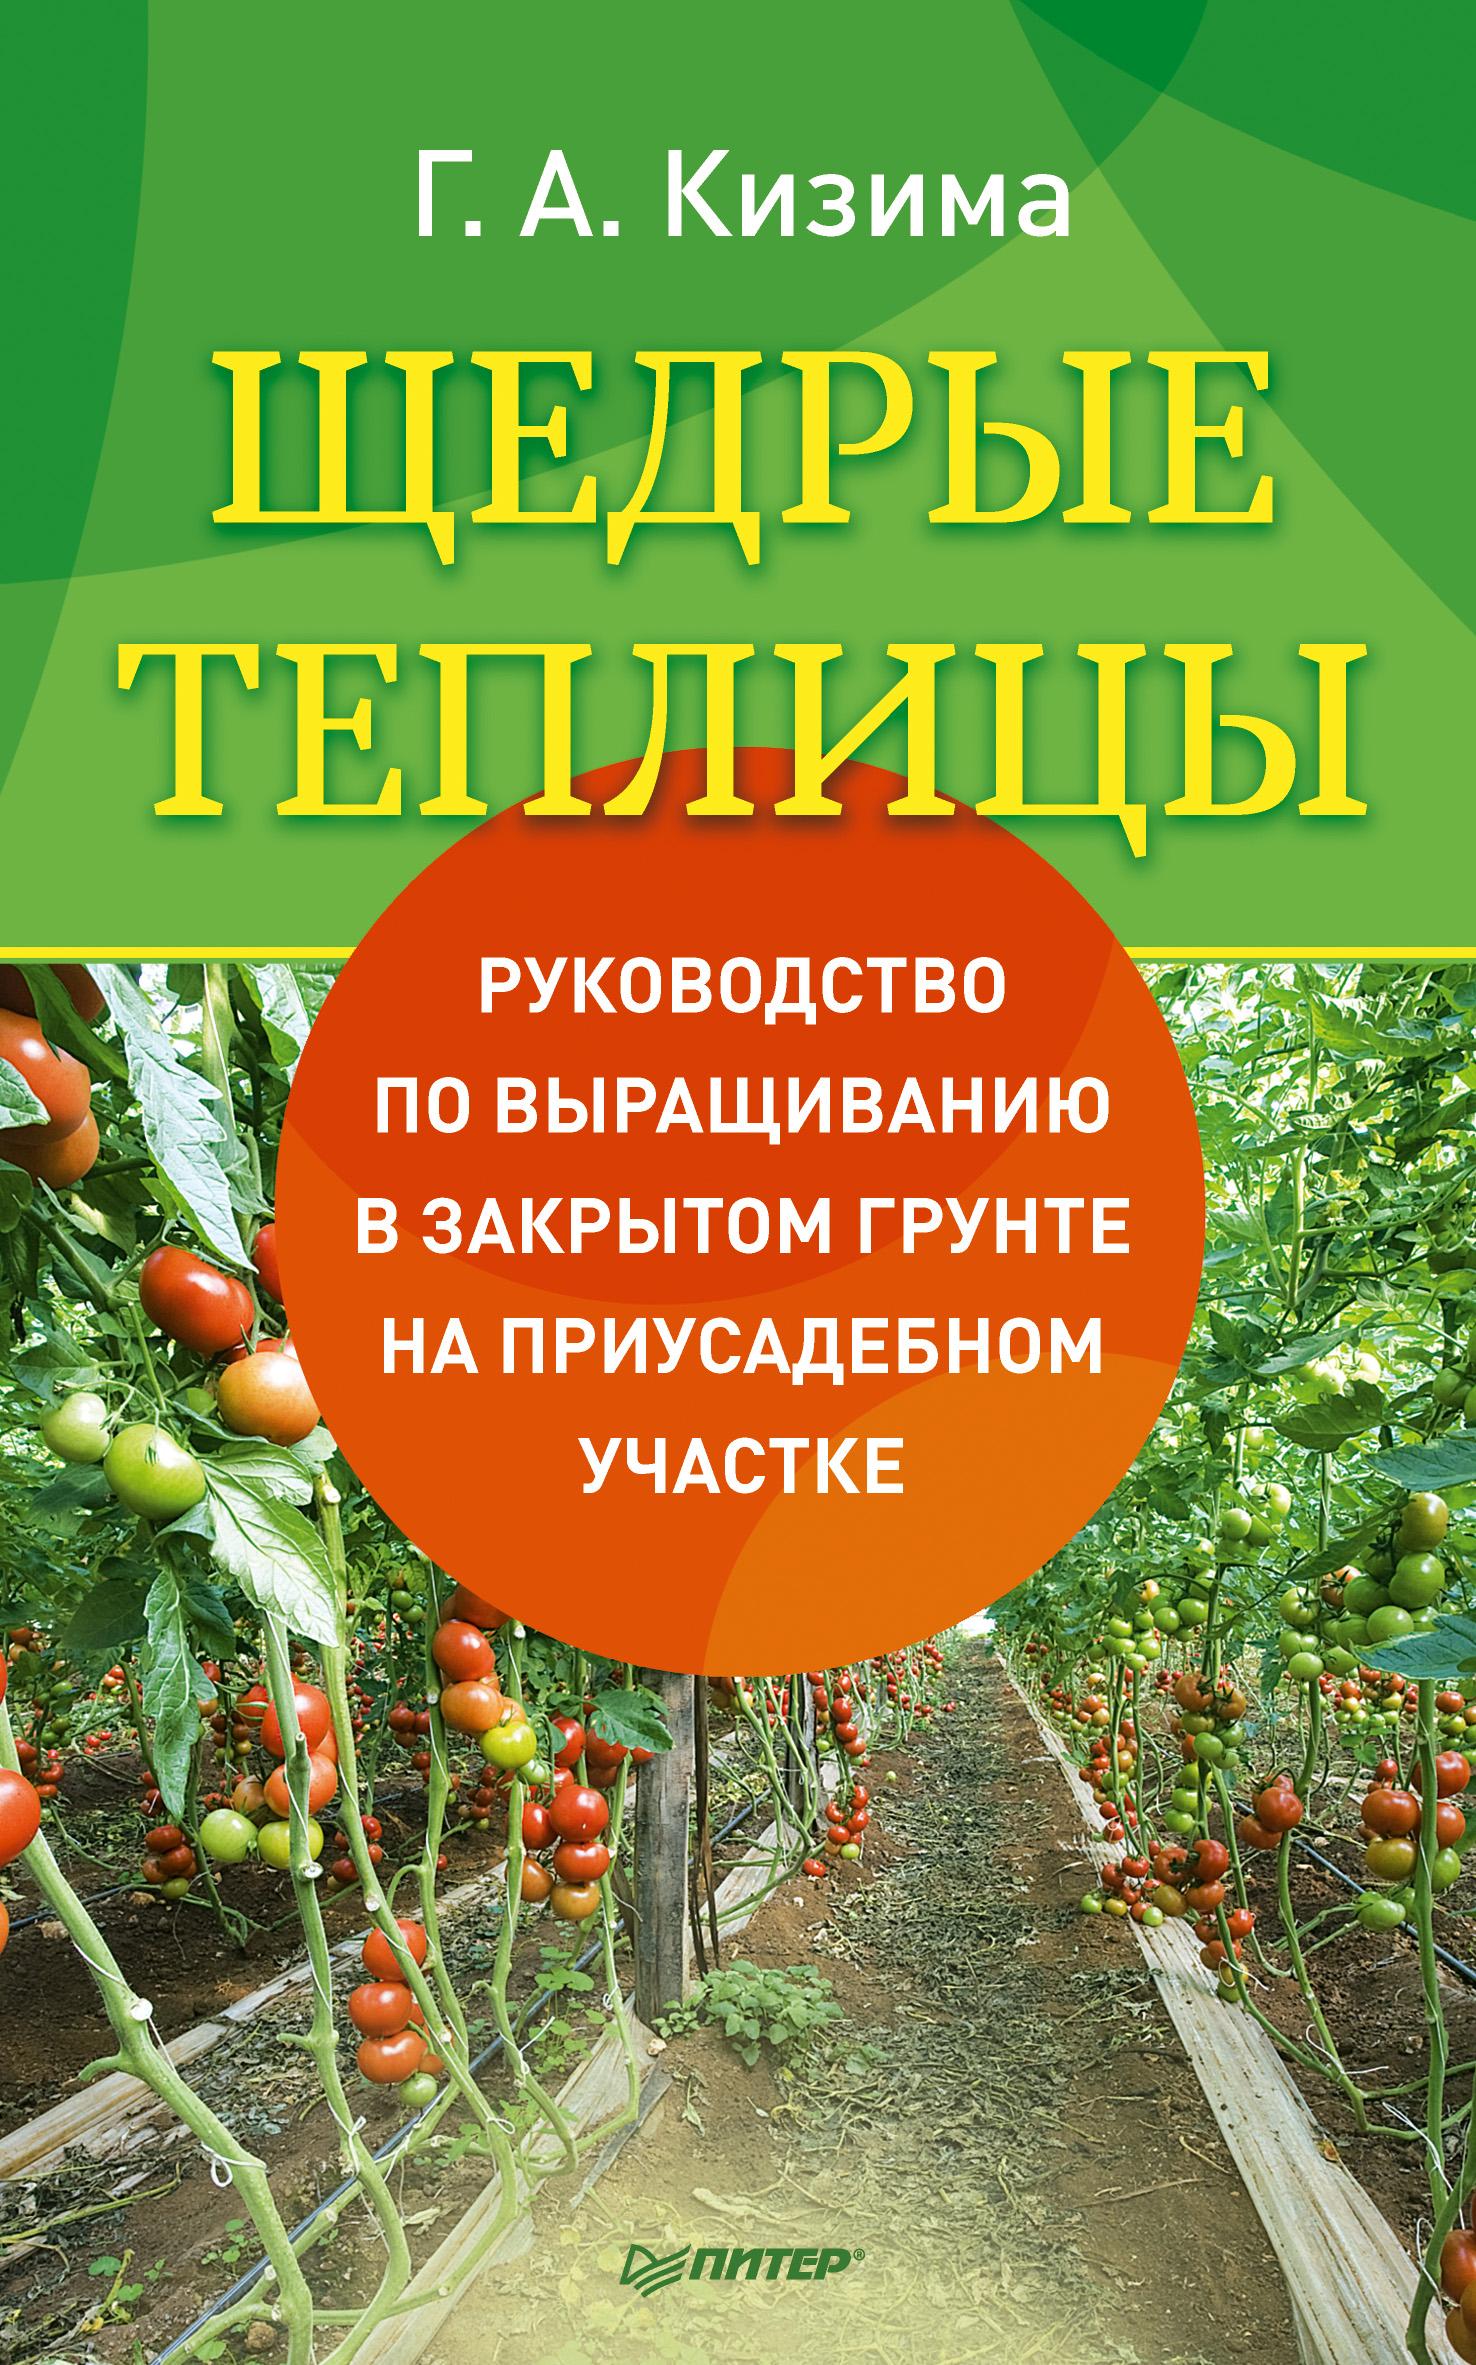 Щедрые теплицы. Руководство по выращиванию в закрытом грунте на приусадебном участке